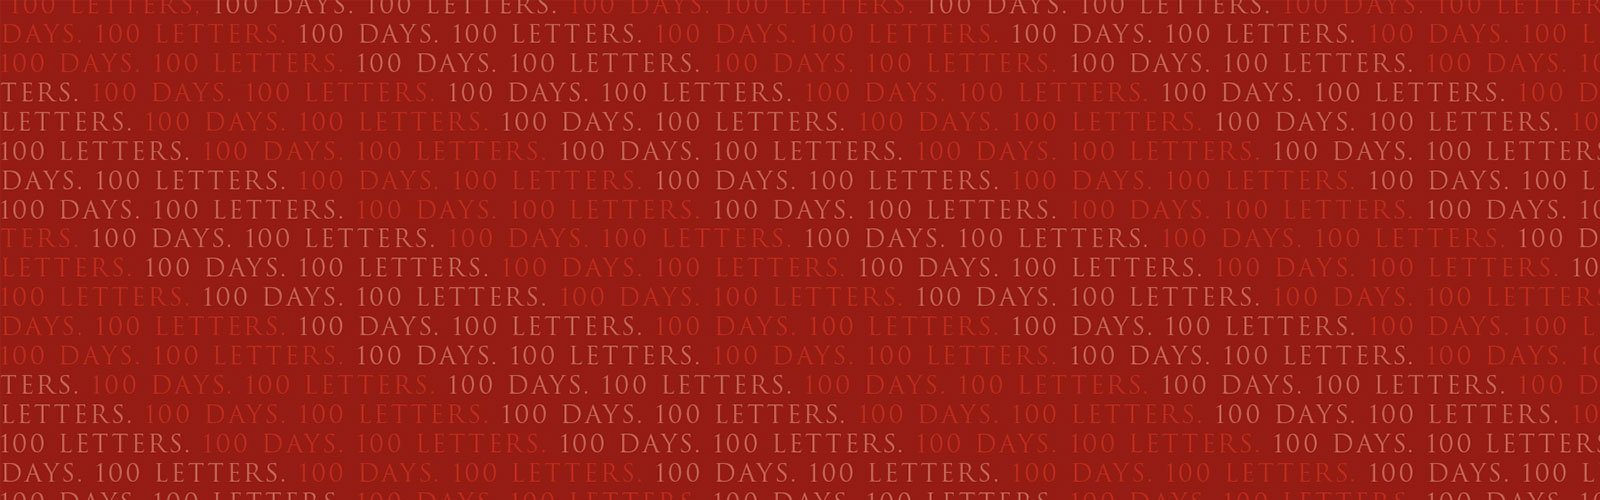 Letter 36